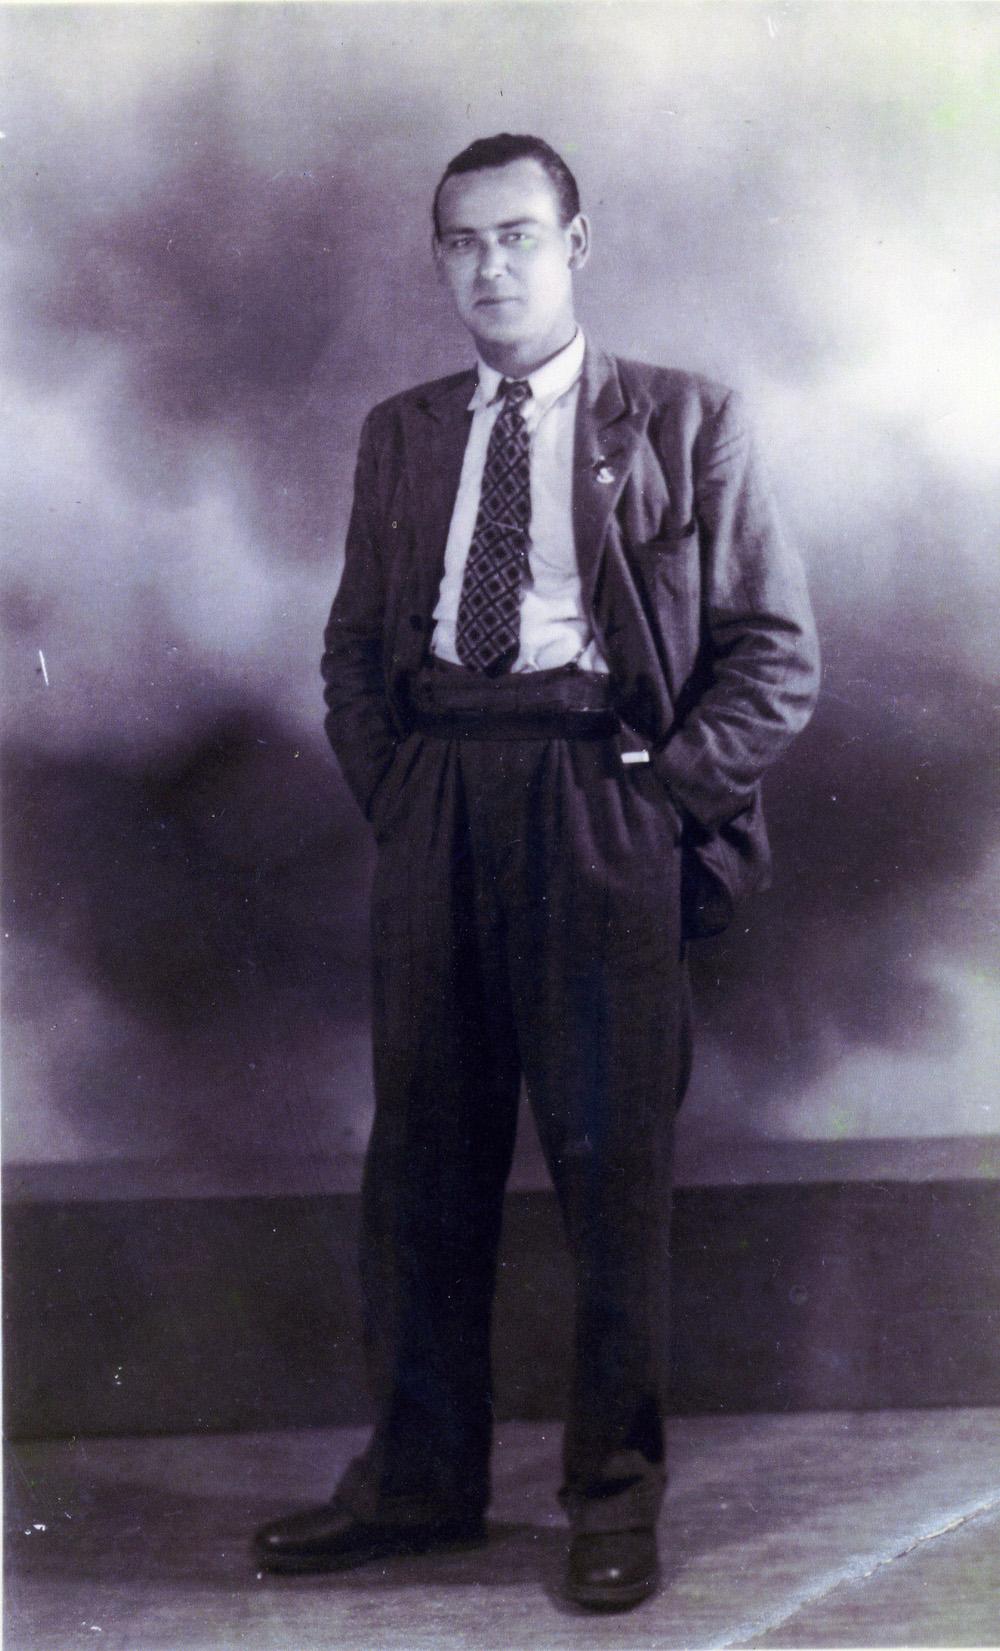 Sidney Damms, in 1937